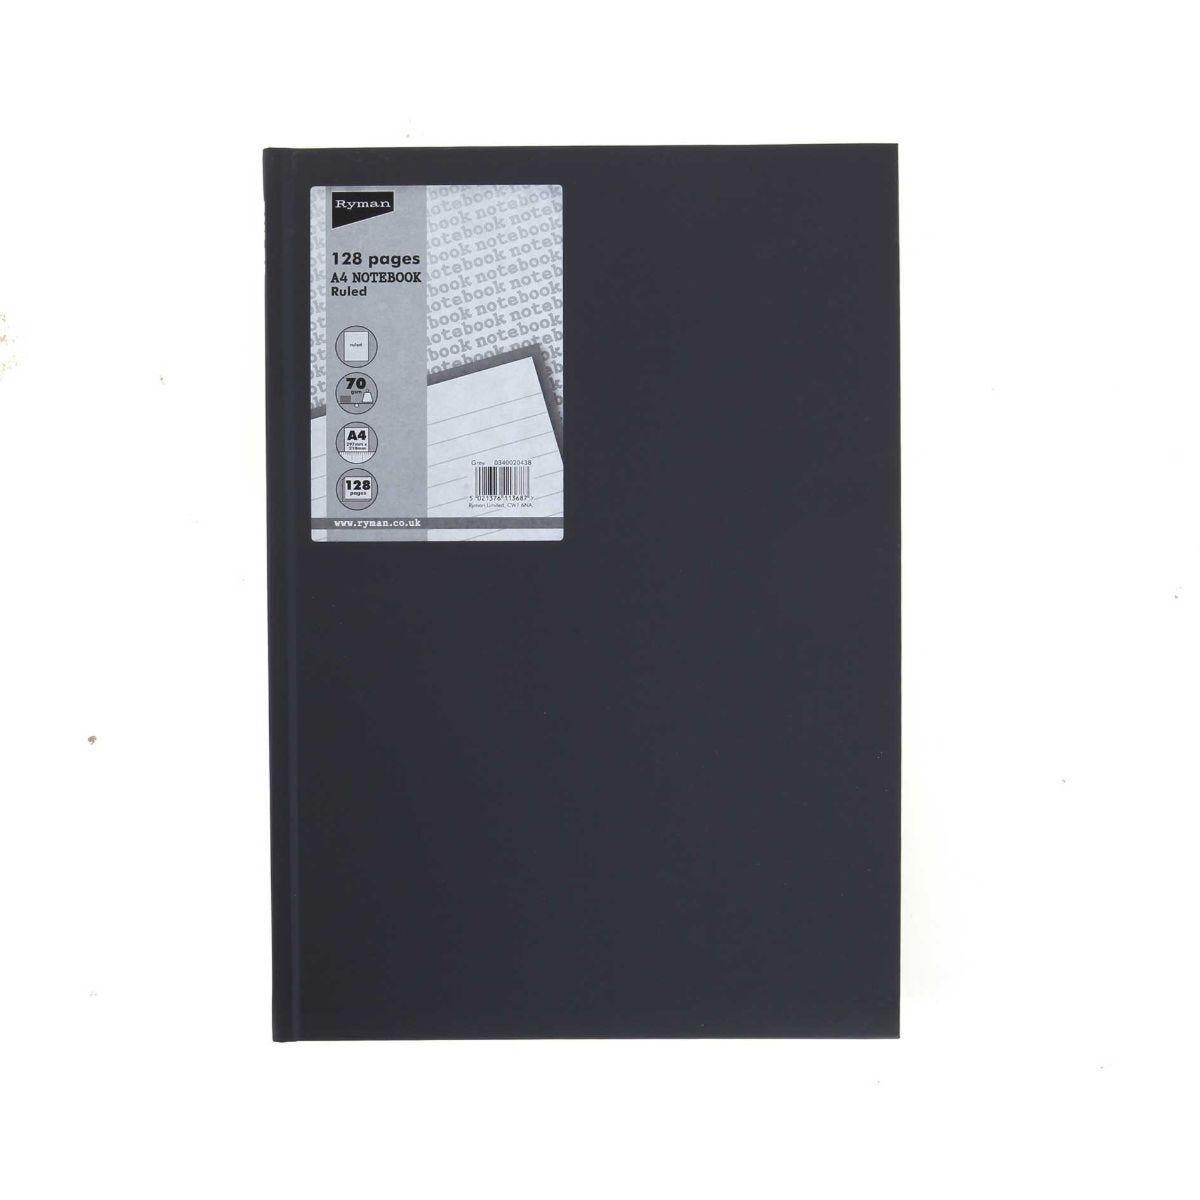 Ryman Casebound Notebook A4 128 Page 70gsm